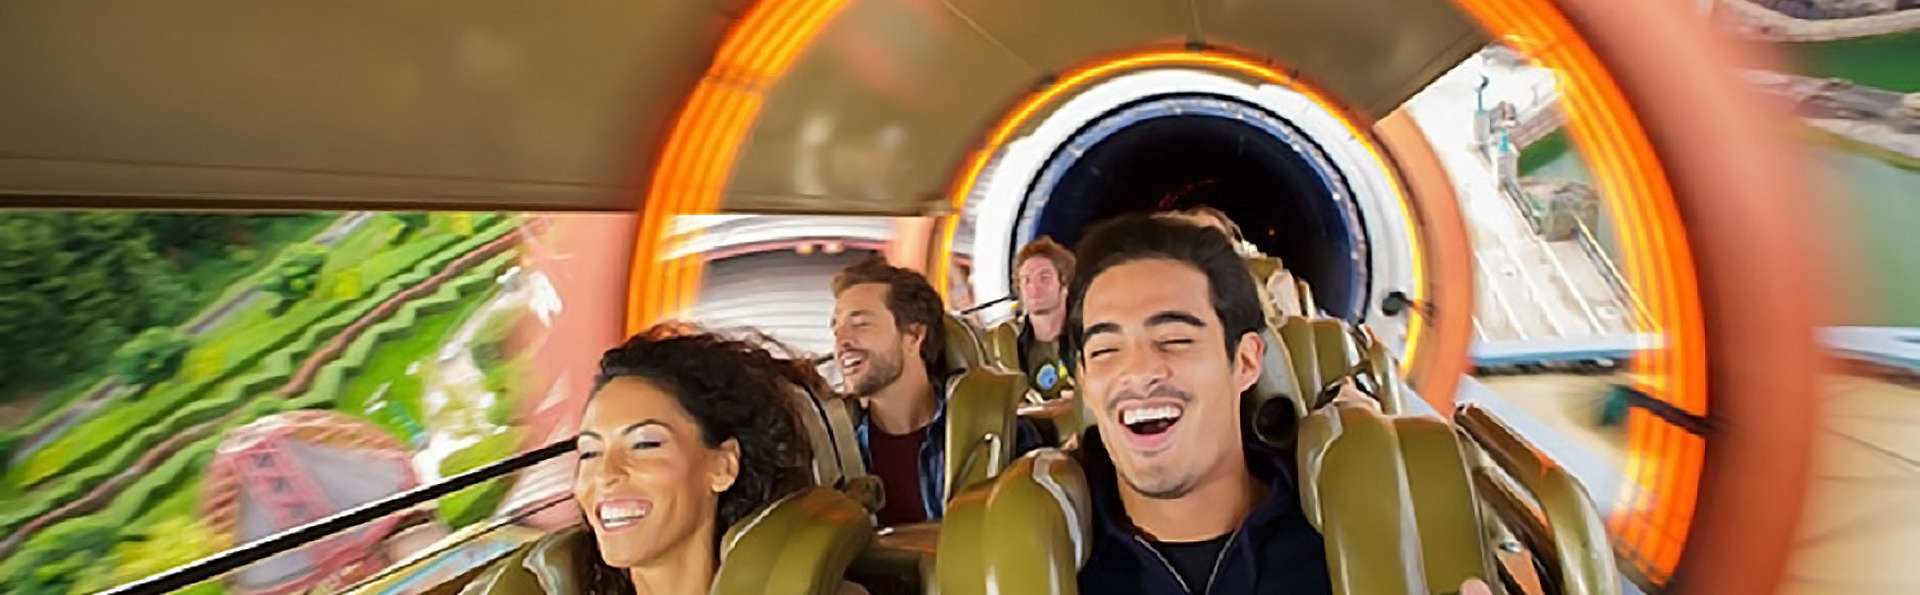 Familietripje met toegangskaartjes voor Disneyland Parijs (1 dag / 2 parken)